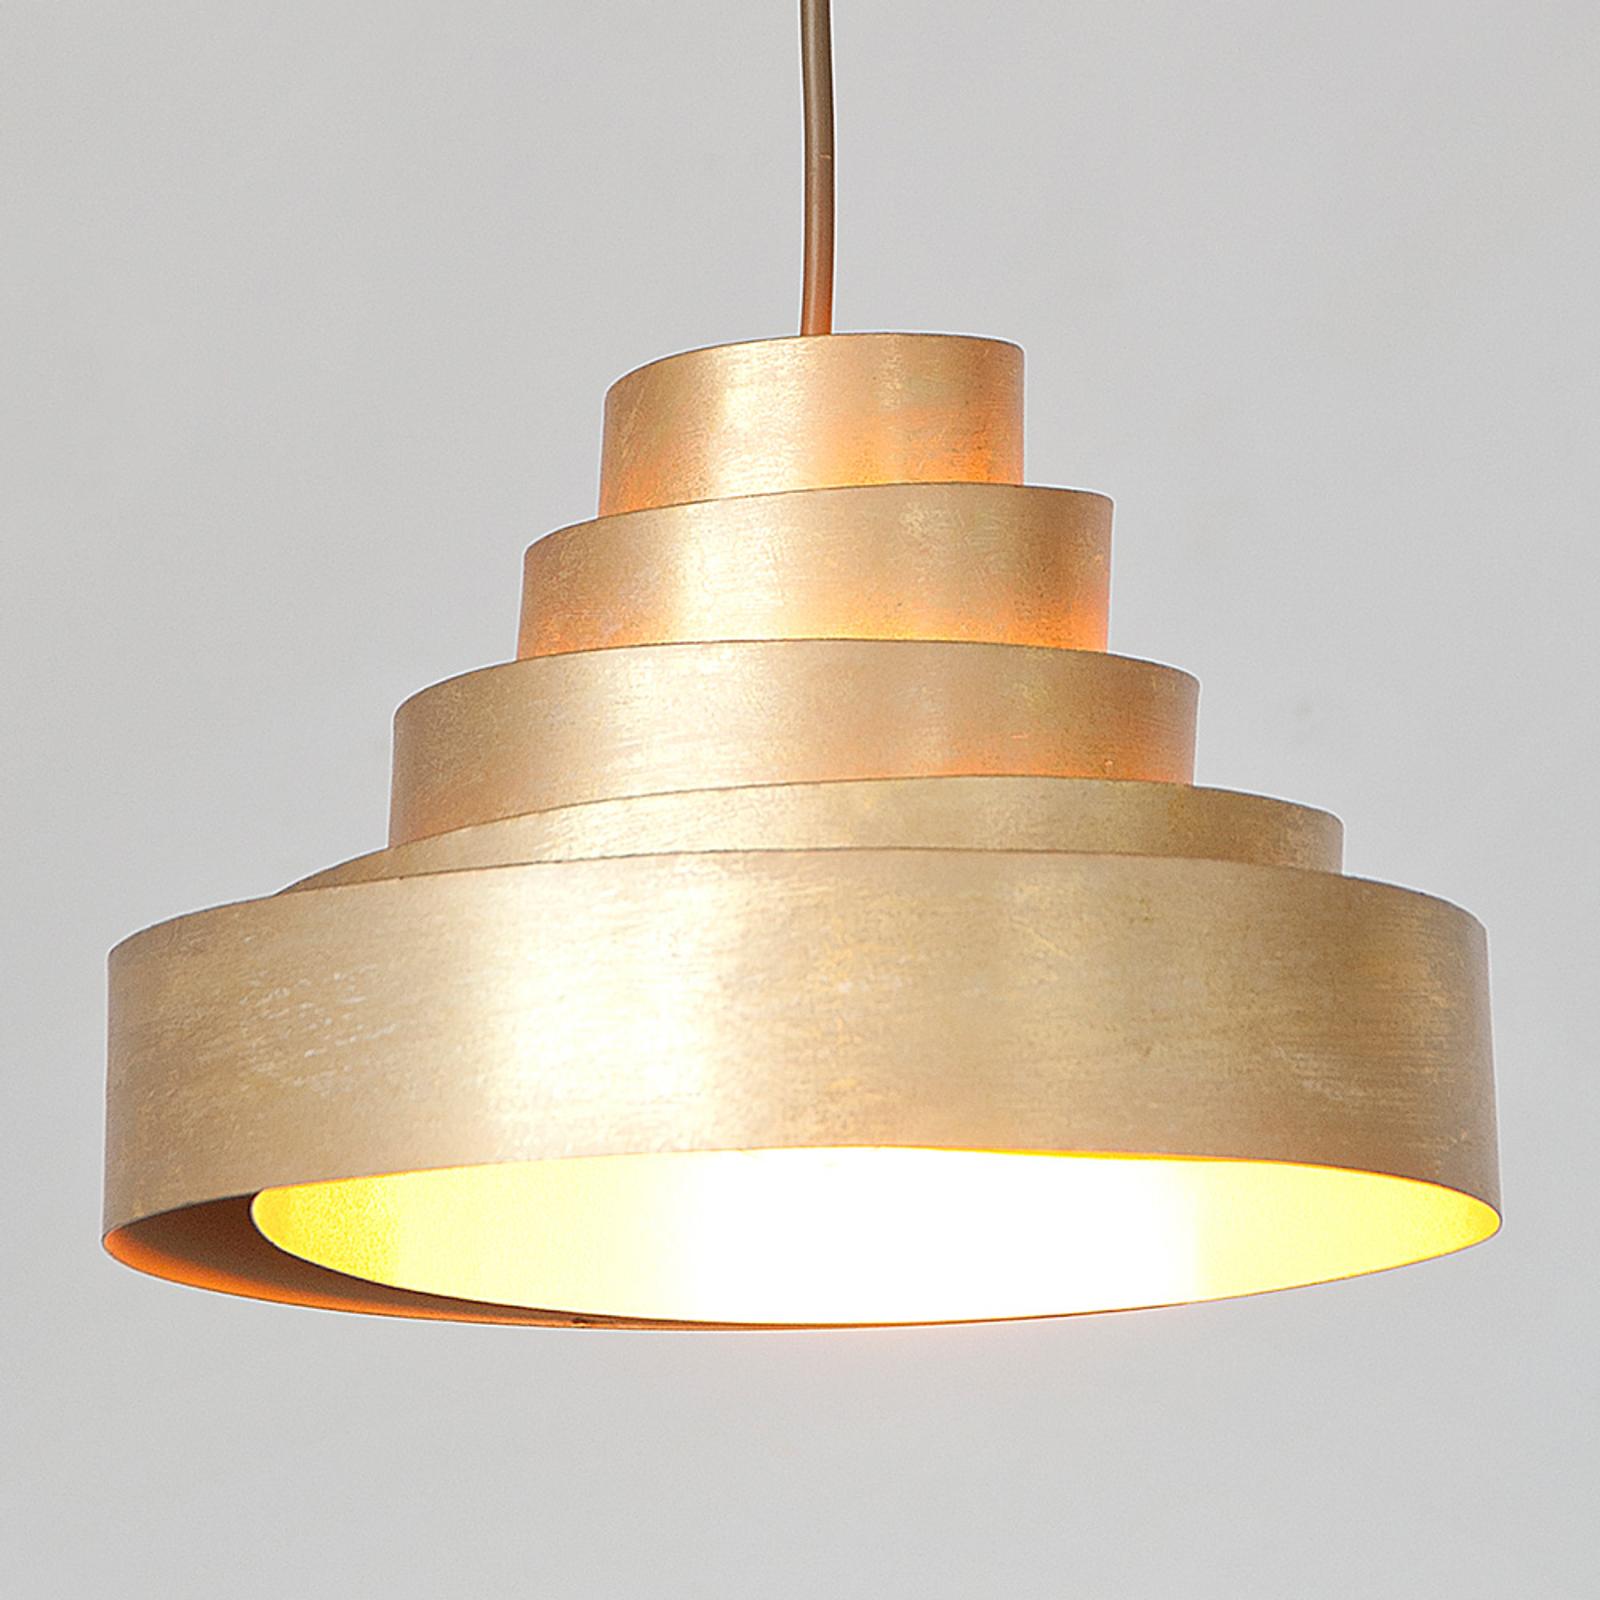 Comparsa - lampada a sospensione a spirale